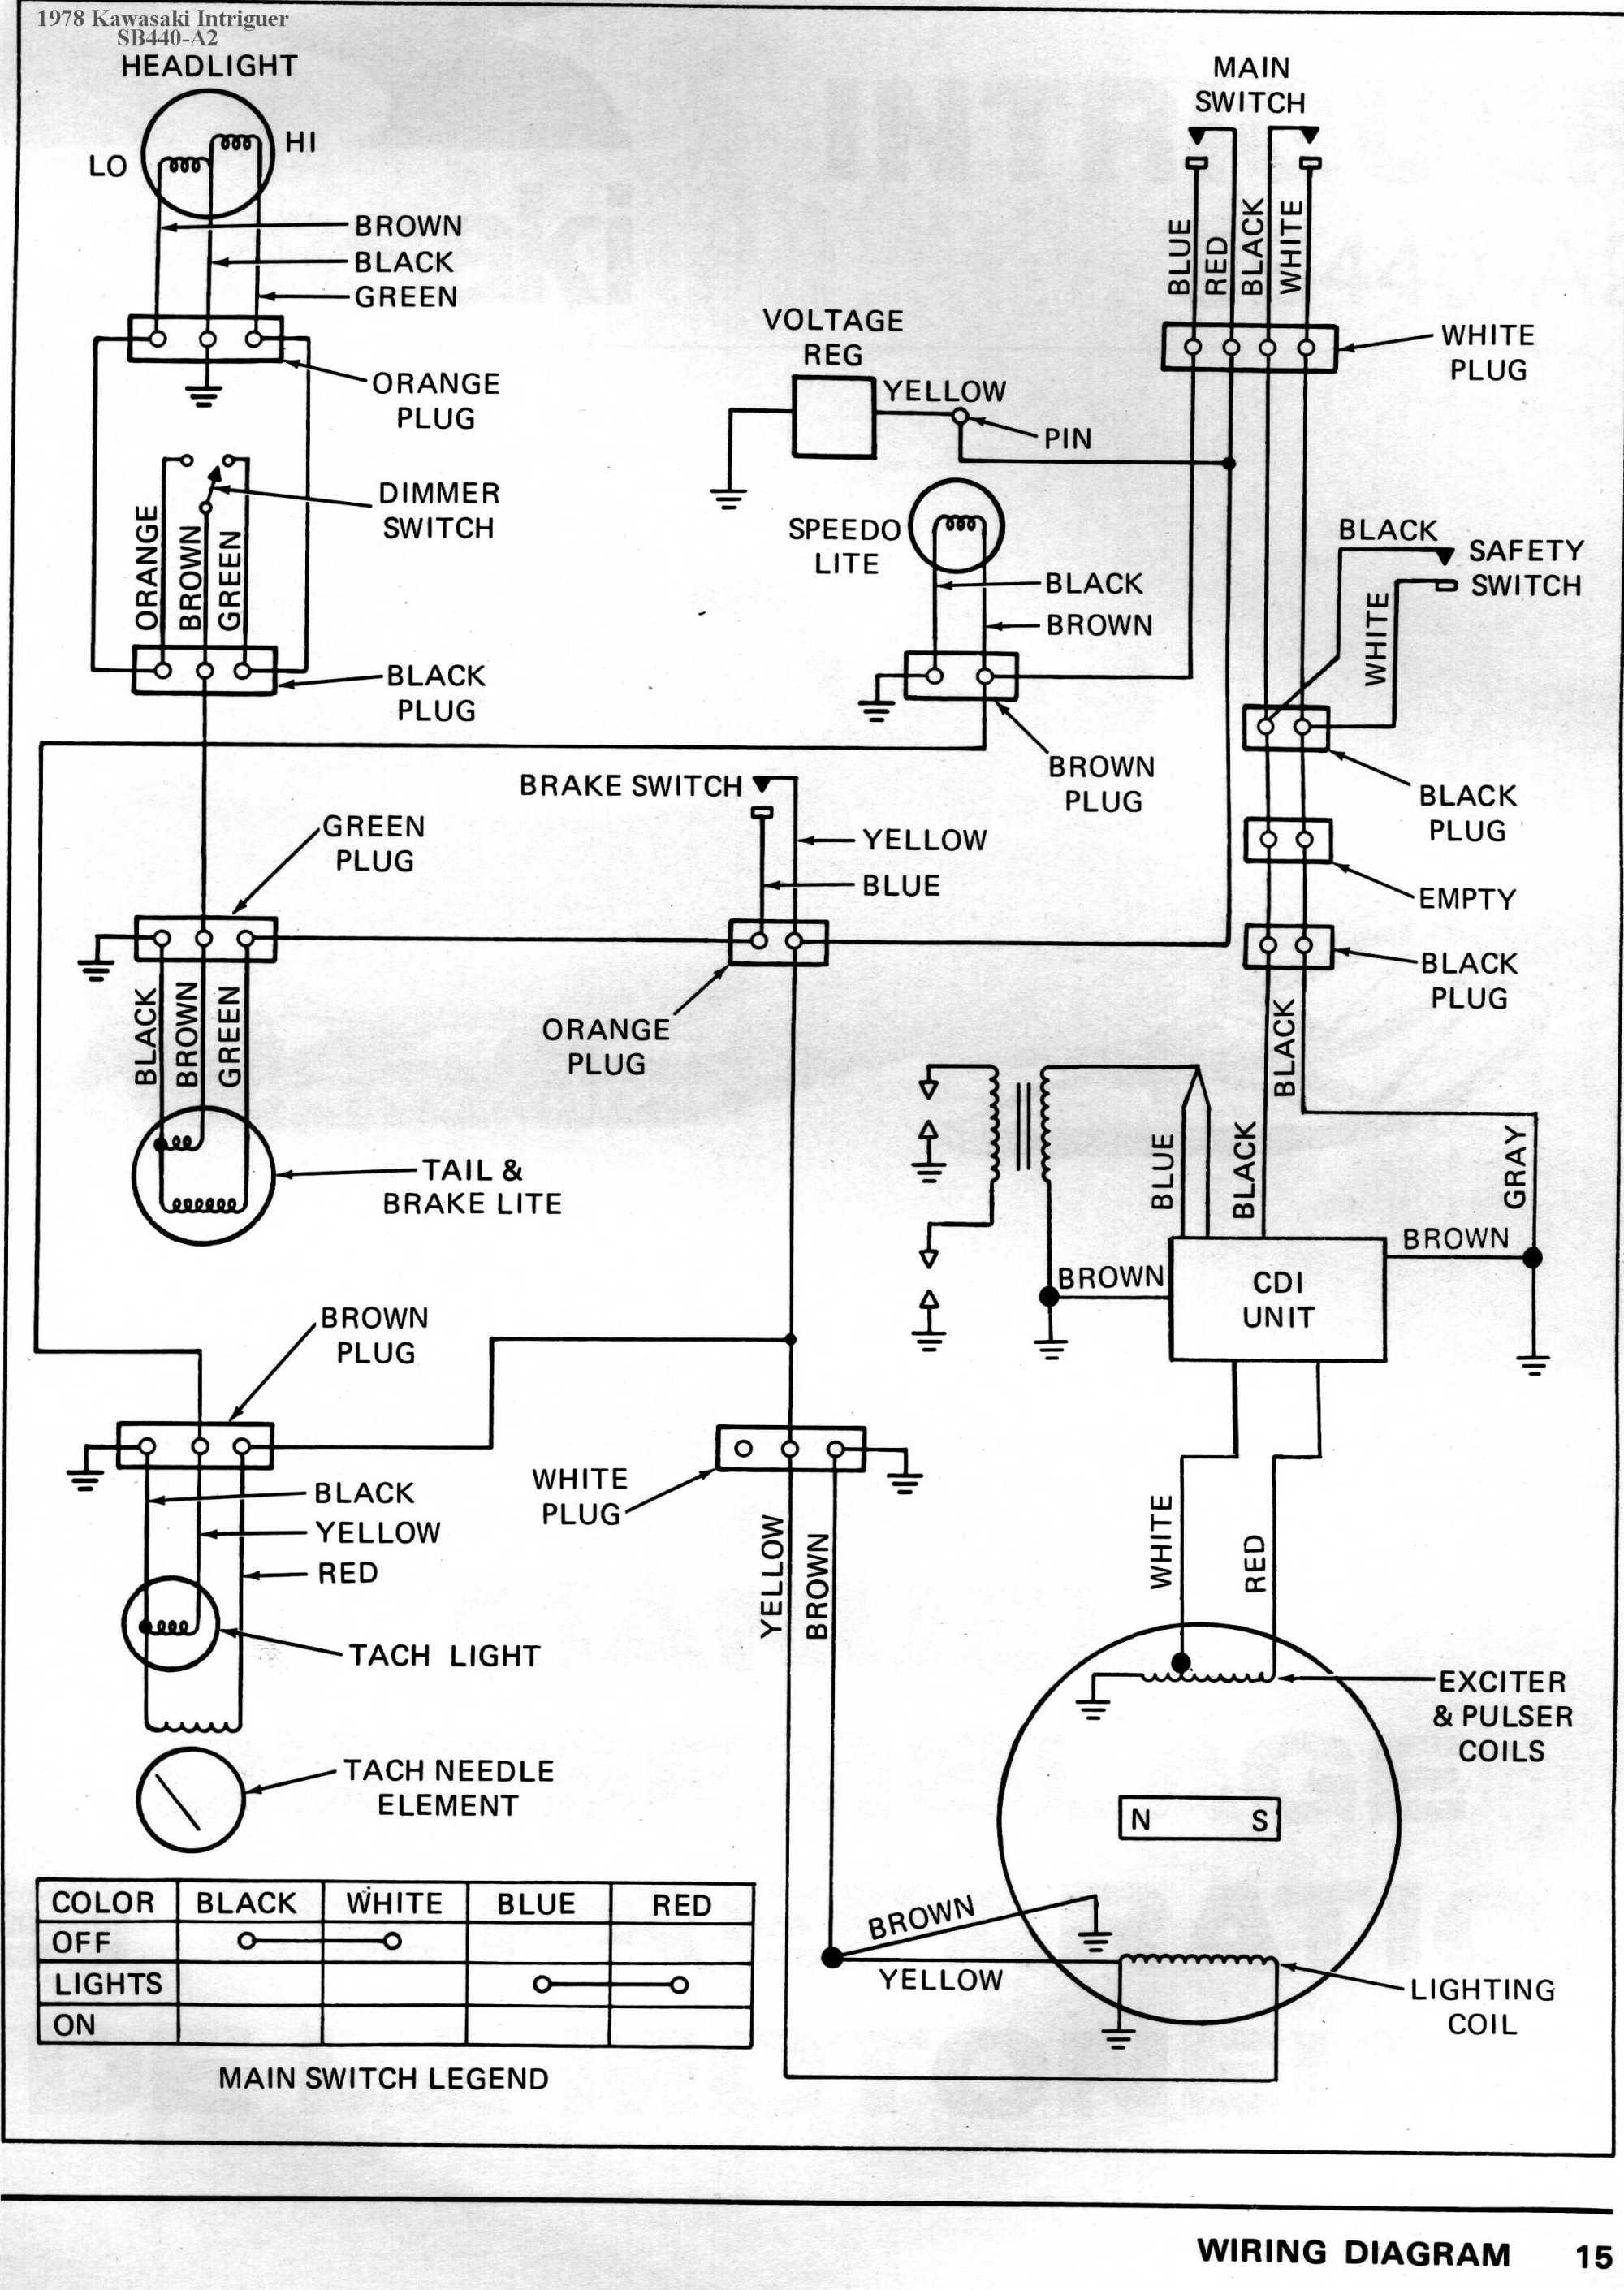 hight resolution of kawasaki 250 klt wiring diagram get free image about kawasaki bayou 250 wiring diagram kawasaki bayou 300 wiring diagram